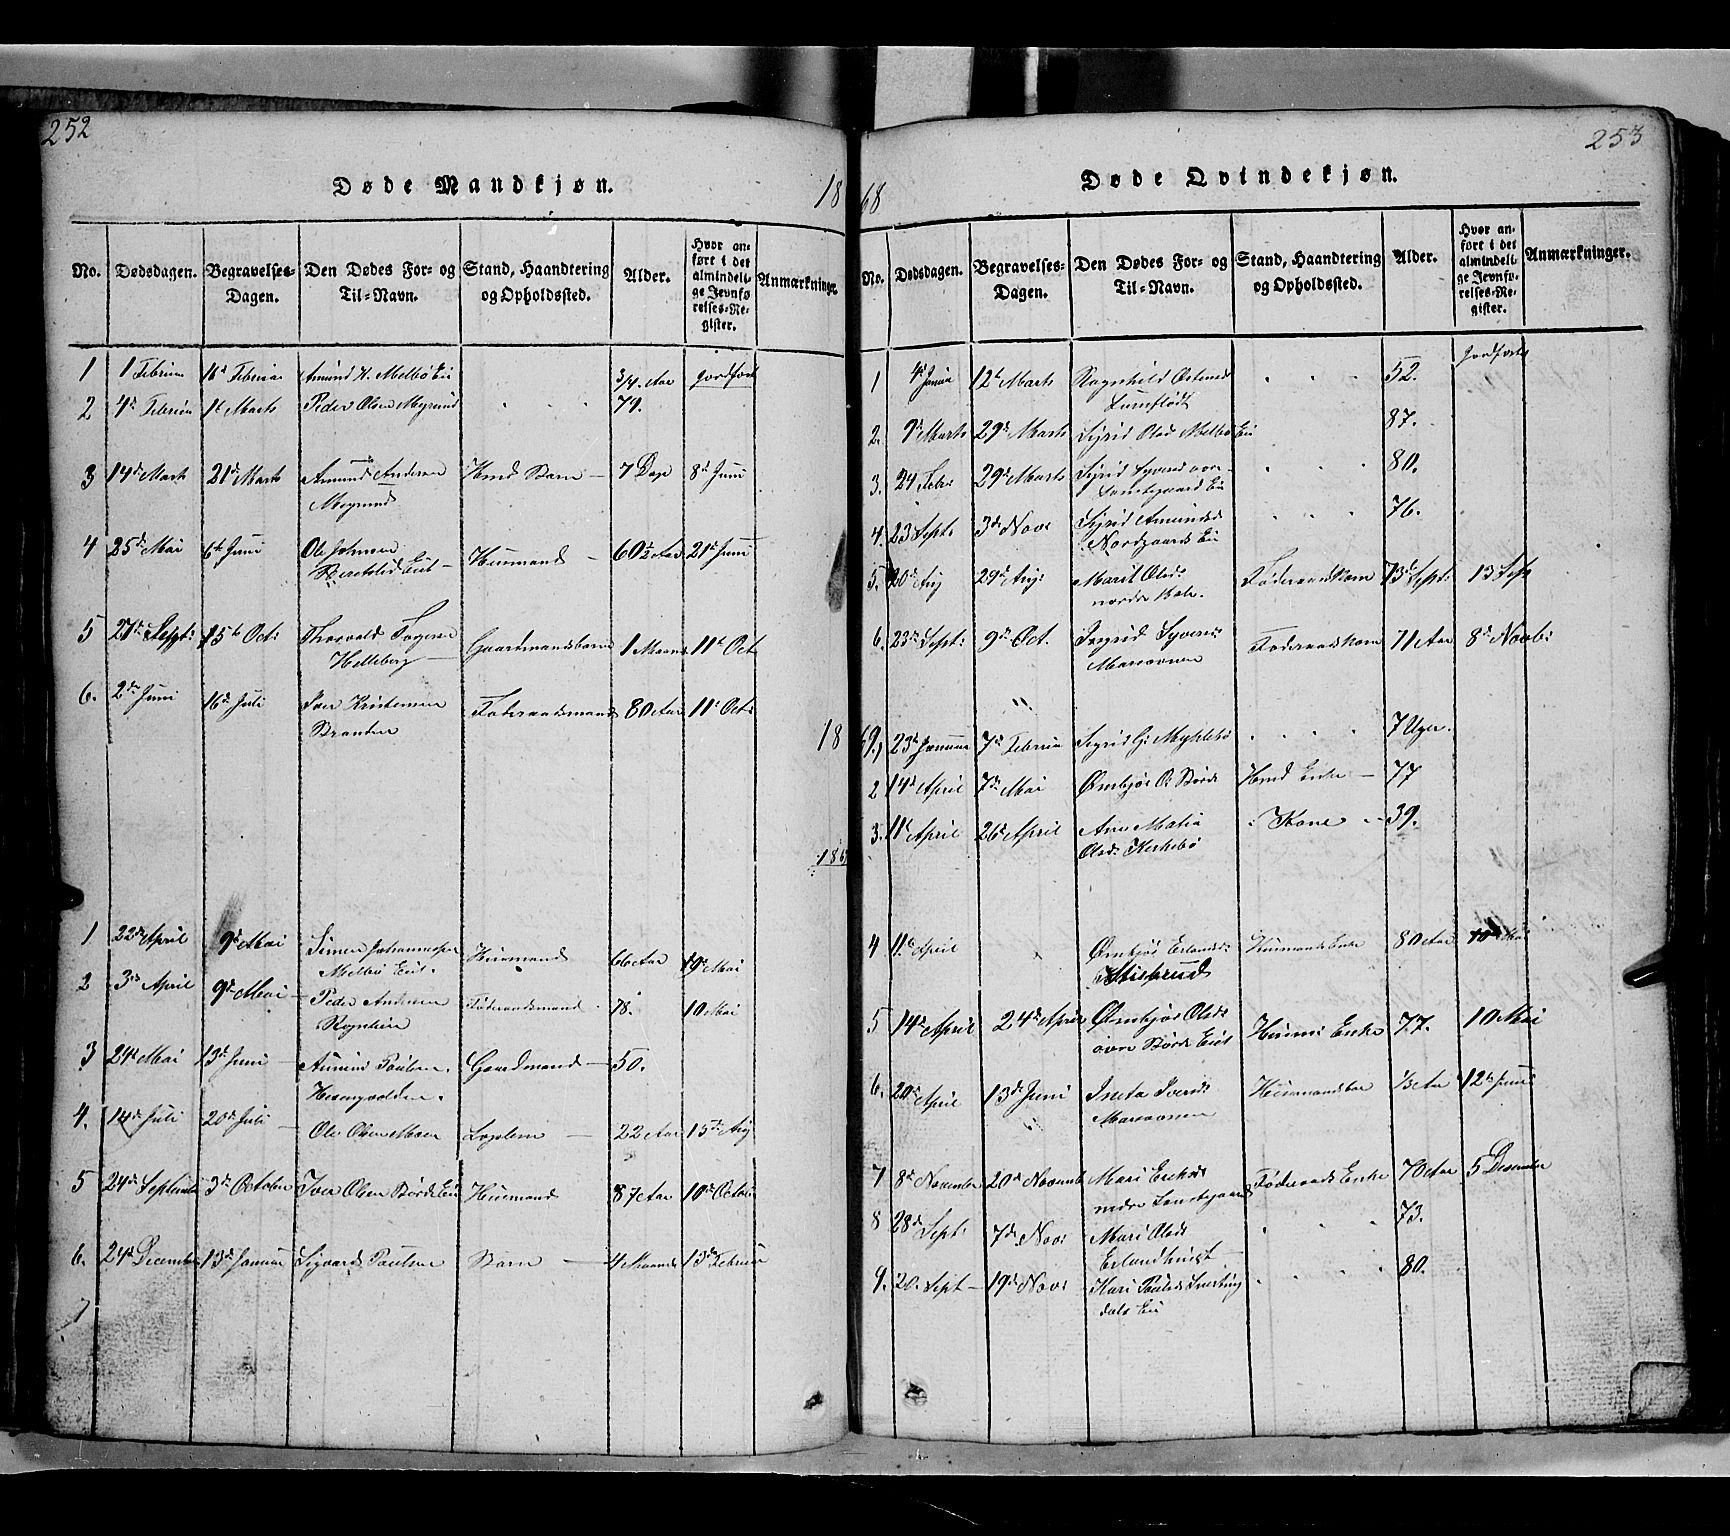 SAH, Gausdal prestekontor, Klokkerbok nr. 2, 1818-1874, s. 252-253